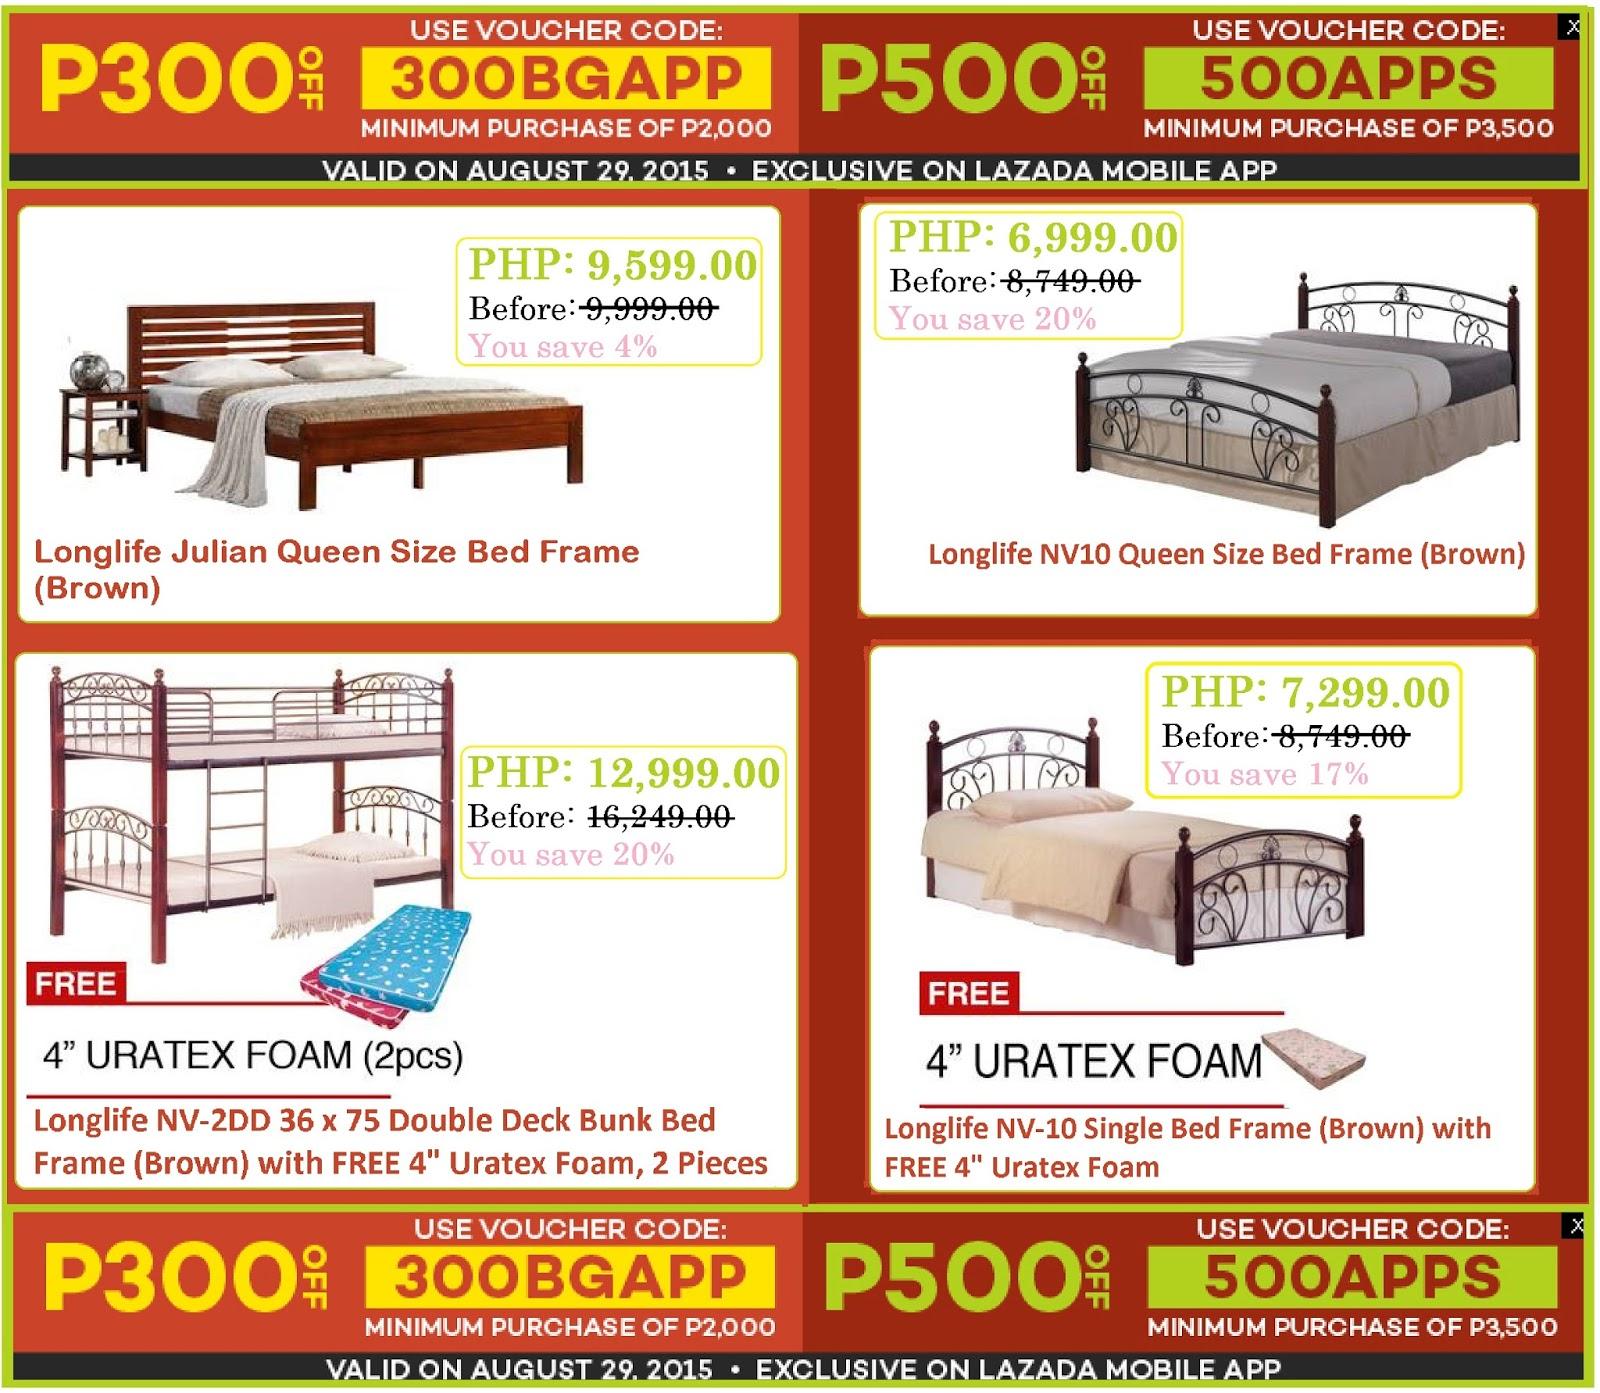 Home Furniture Bed Frame At Lazada S Big App Promo